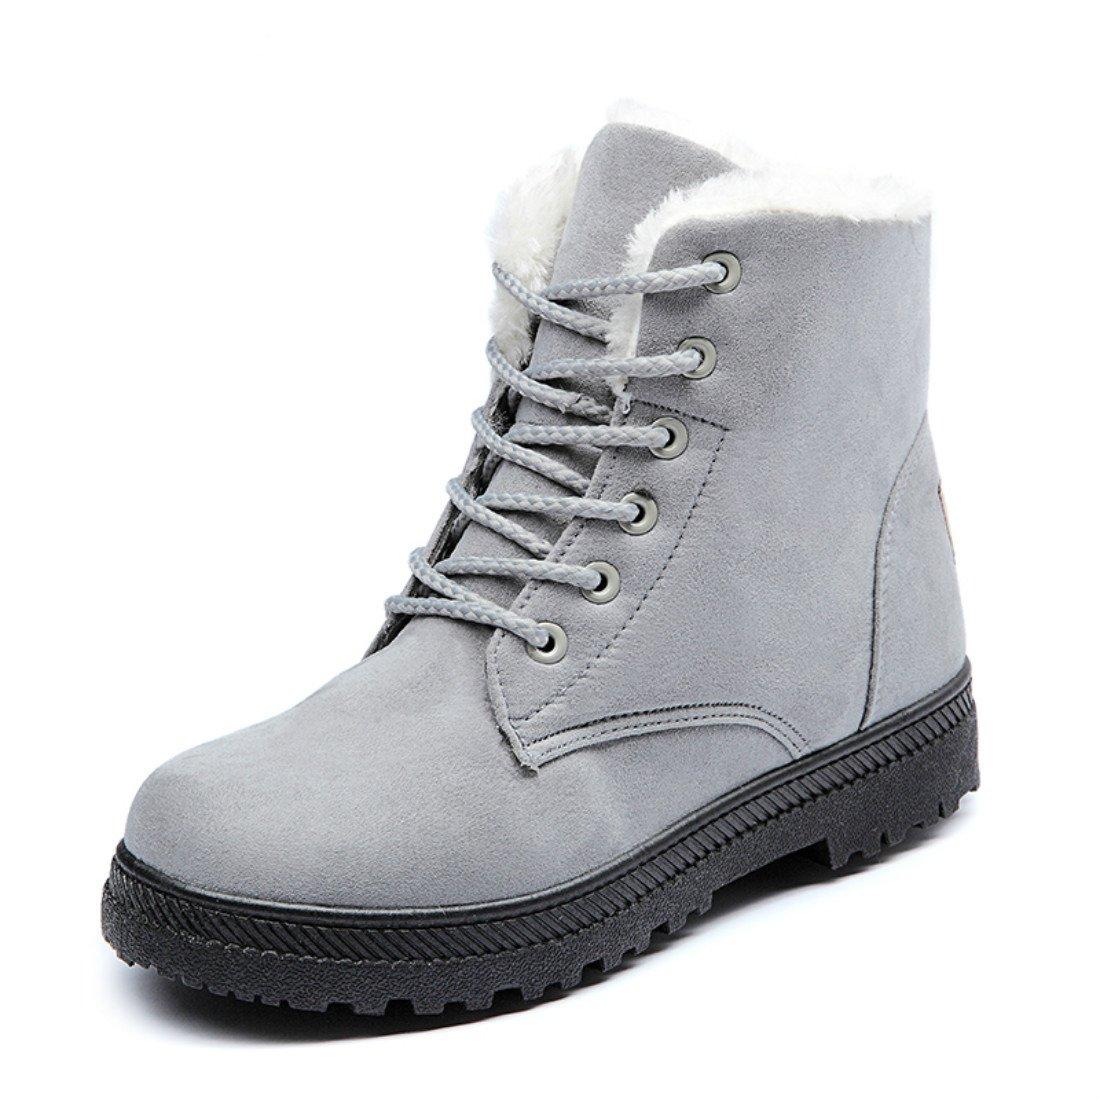 Susanny Suede Flat Platform Sneaker Shoes Plus Velvet Winter Women's Lace up Grey Cotton Snow Boots 7 B (M) US